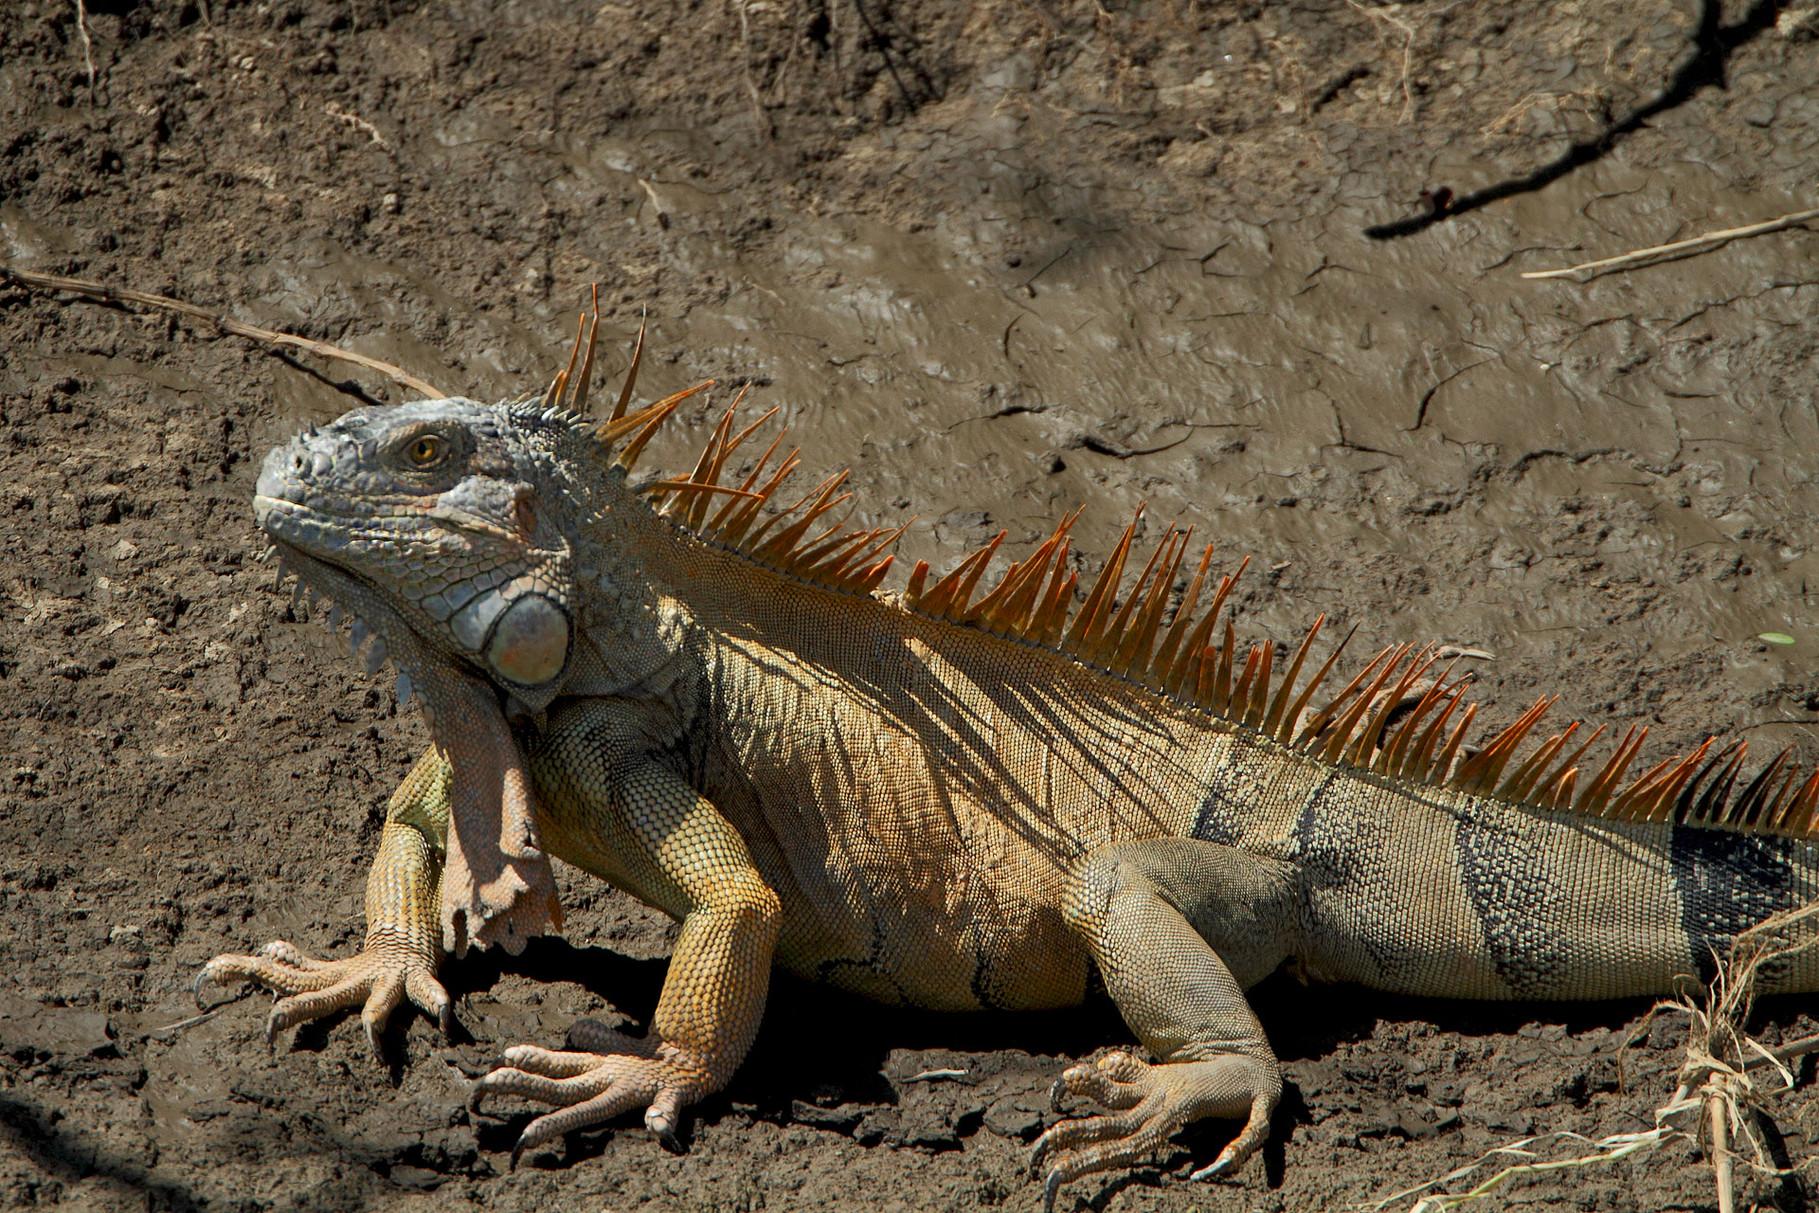 Überall präsent und variantenreich in den Farben: Leguane